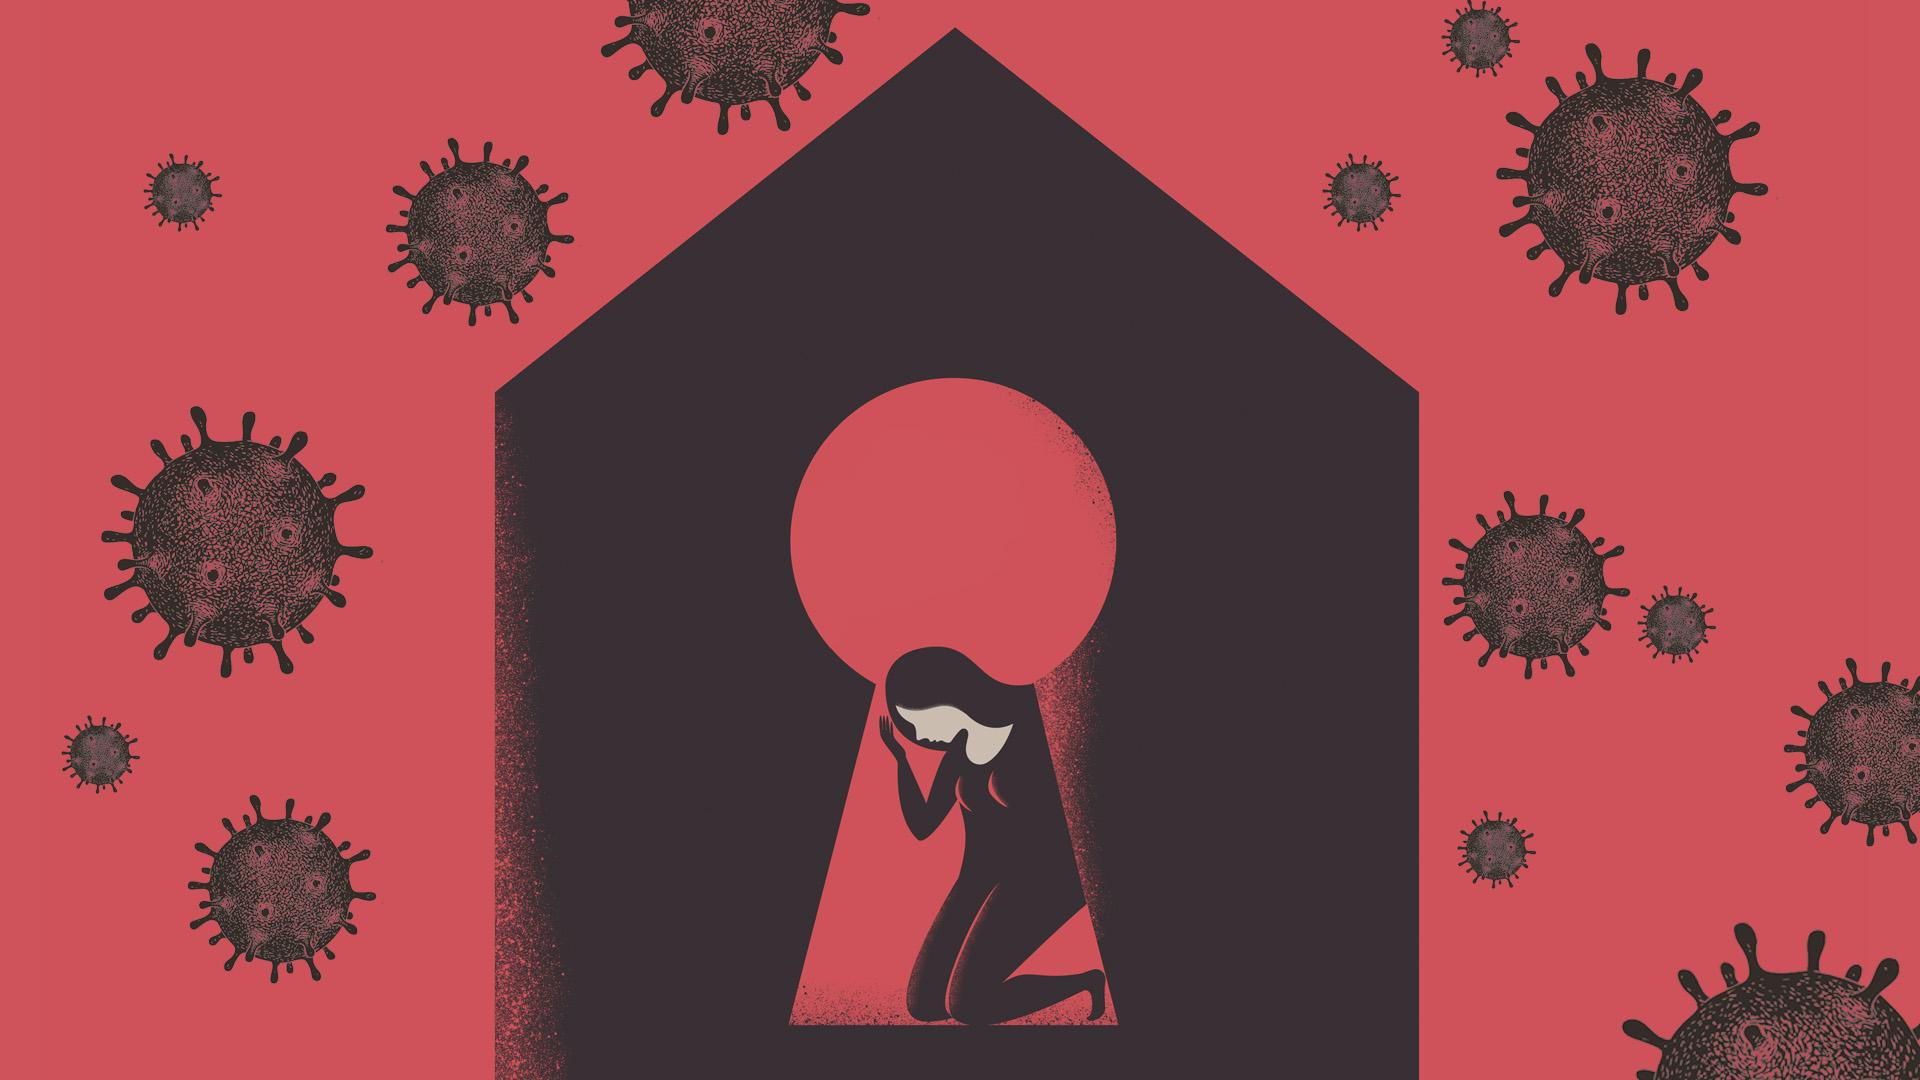 Stresszelünk a járvány miatt, amivel még jobban romboljuk az egészségünket